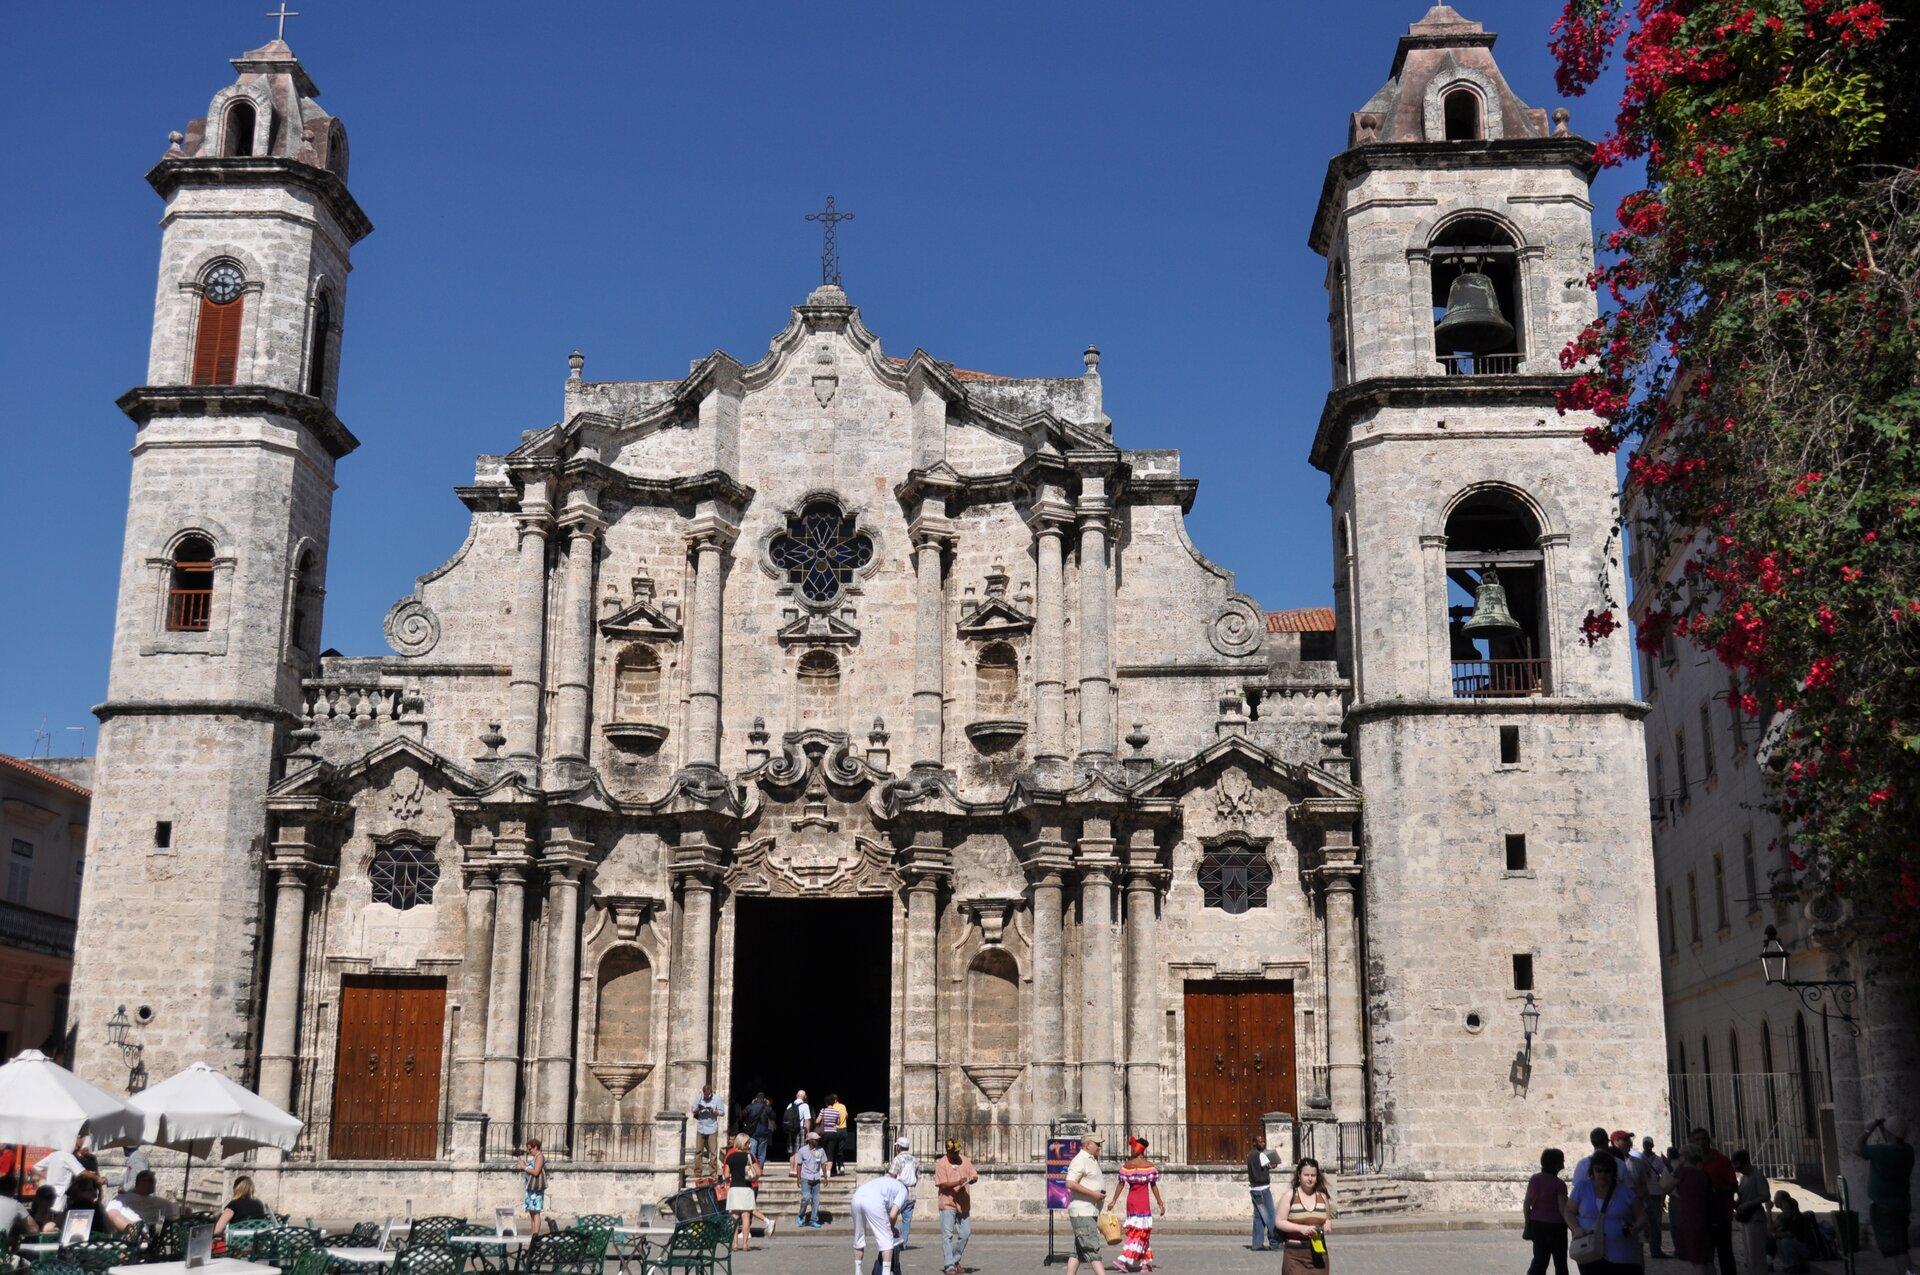 Wielkie kościoły barokowe wAmeryce kolonialnej: Katedra wHawanie Wielkie kościoły barokowe wAmeryce kolonialnej: Katedra wHawanie Źródło: Escla, 2010, Wikimedia Commons, licencja: CC BY-SA 3.0.